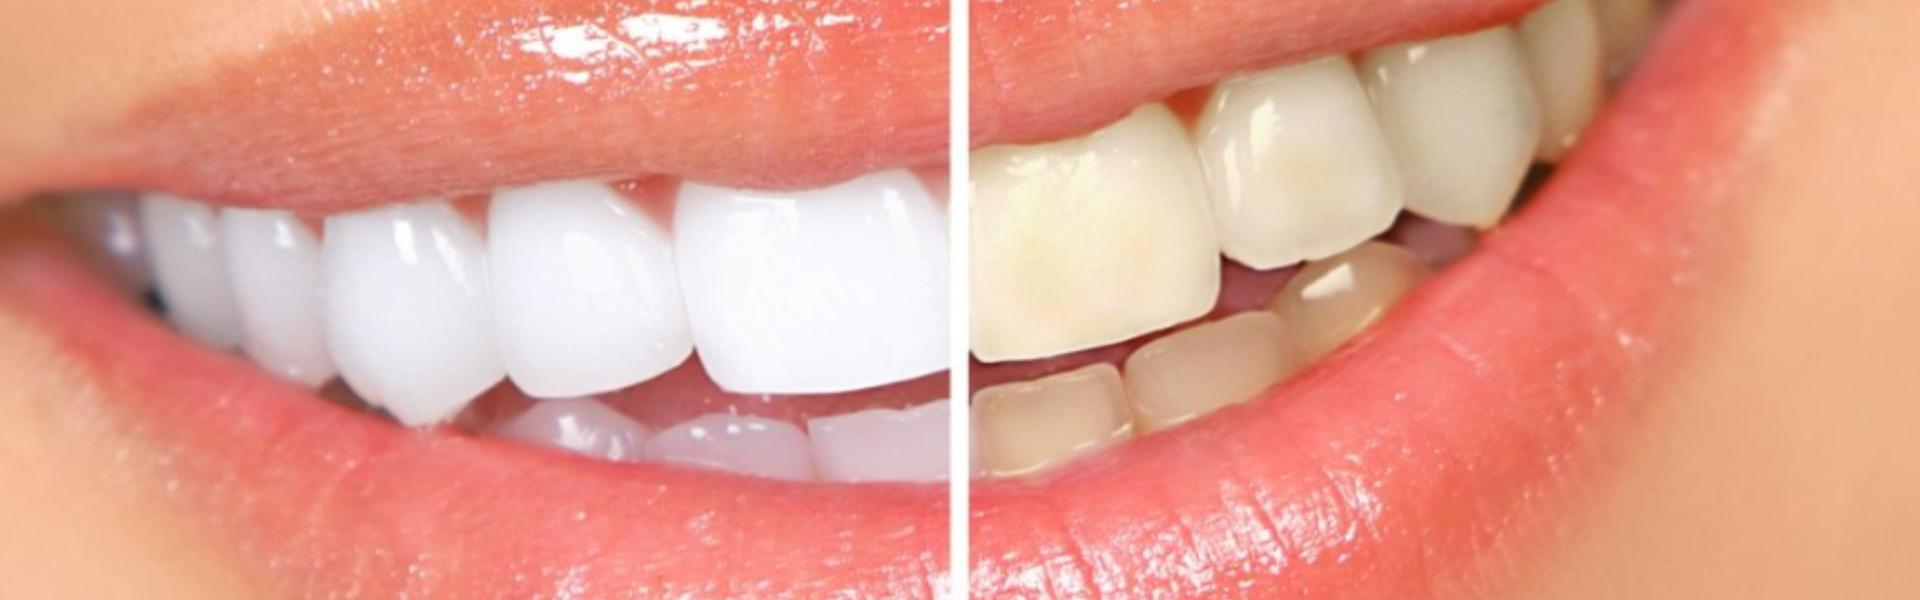 отбеливание зубов можно ли